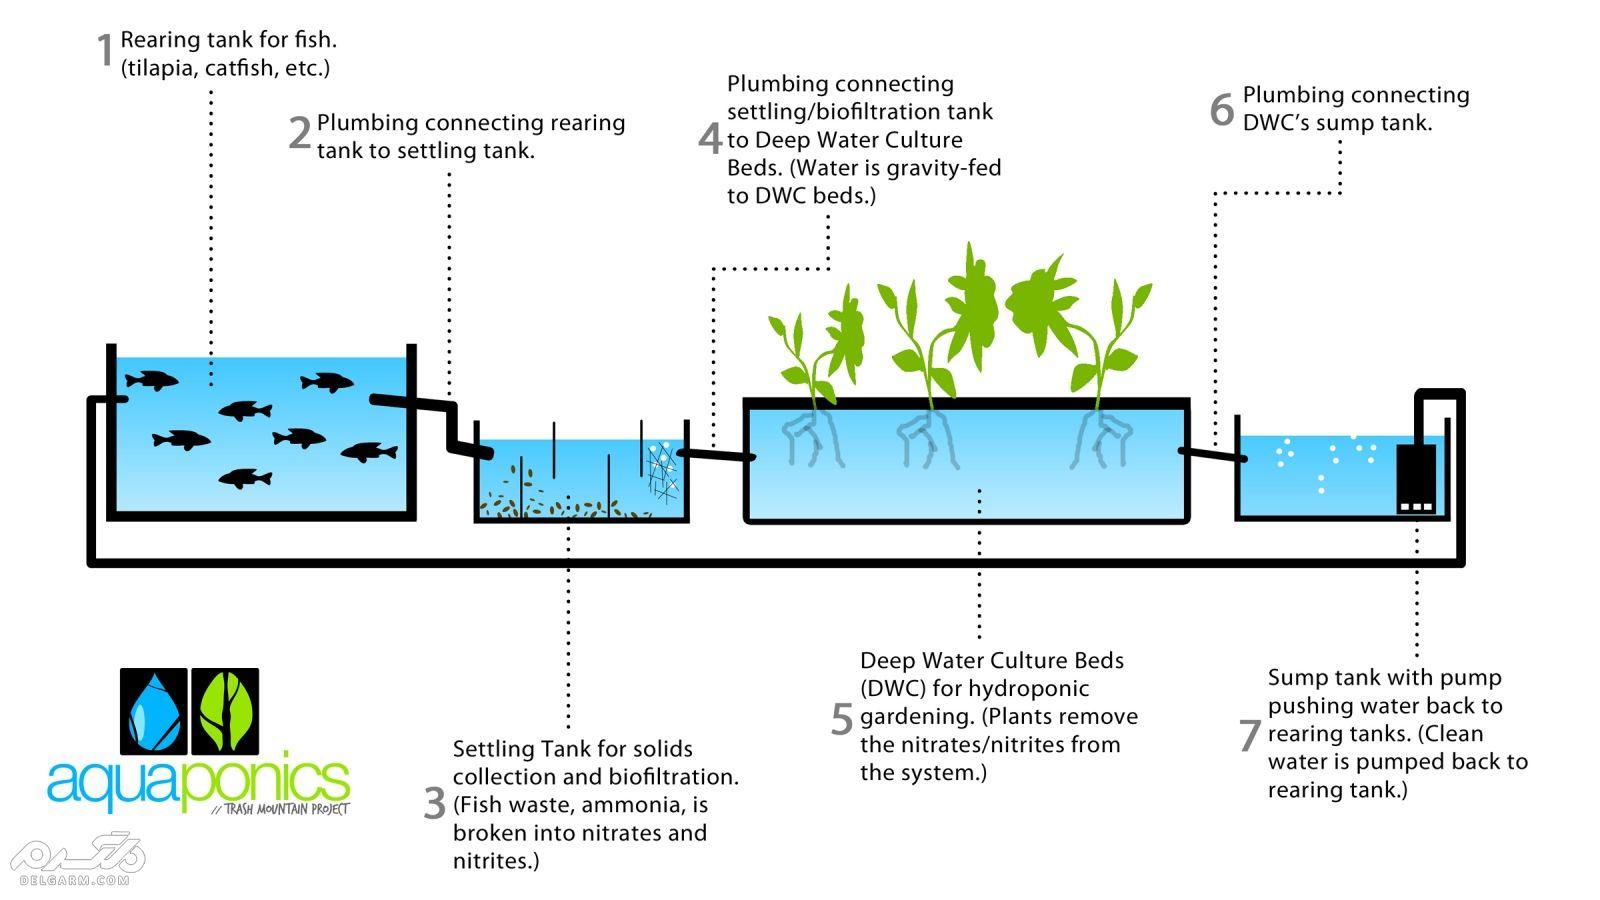 طرح توجیهی آکواپونیک ( Aquaculture  )